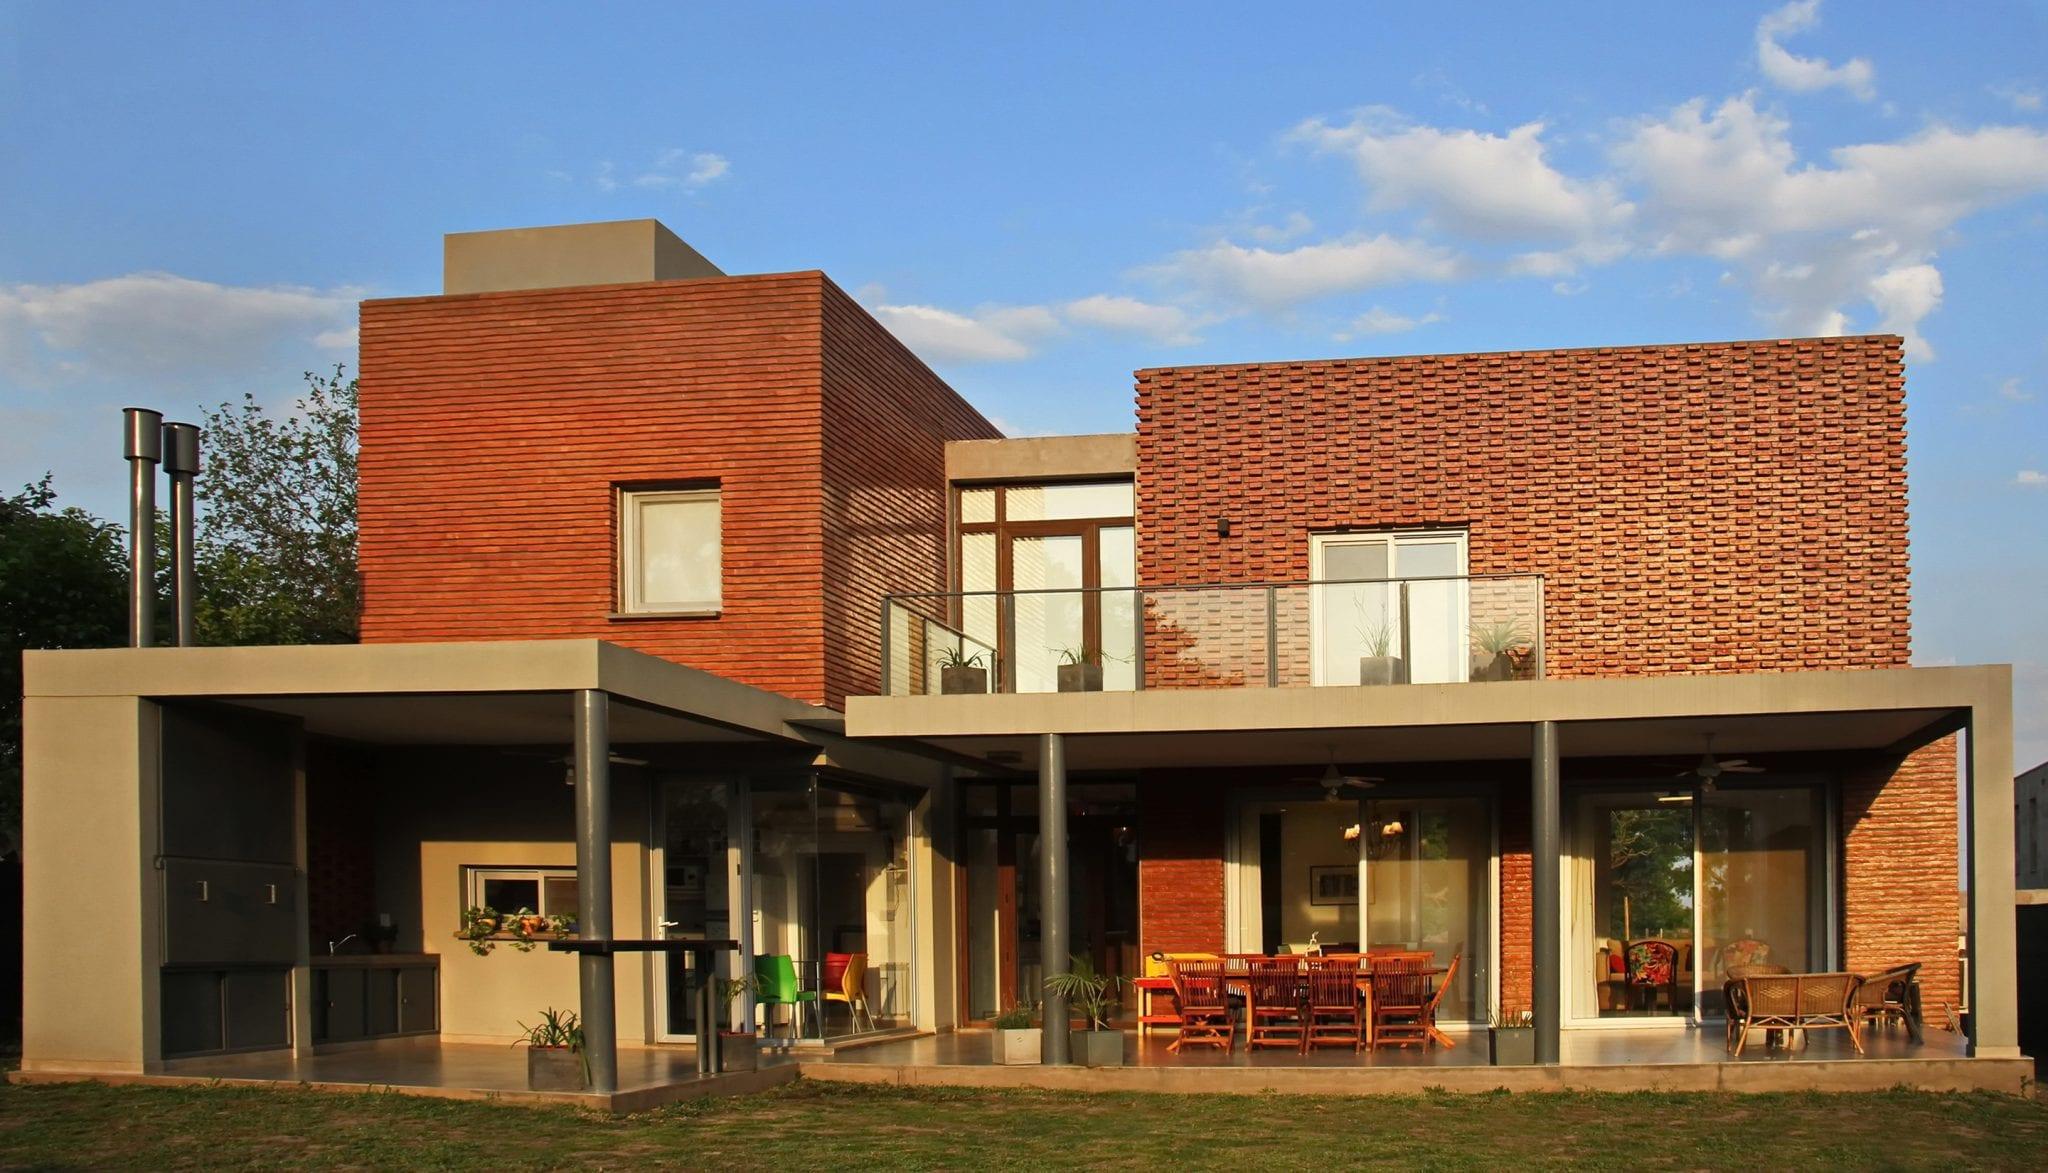 Revista estilo propio arquitectura y dise o arte y for Casa moderna ladrillo